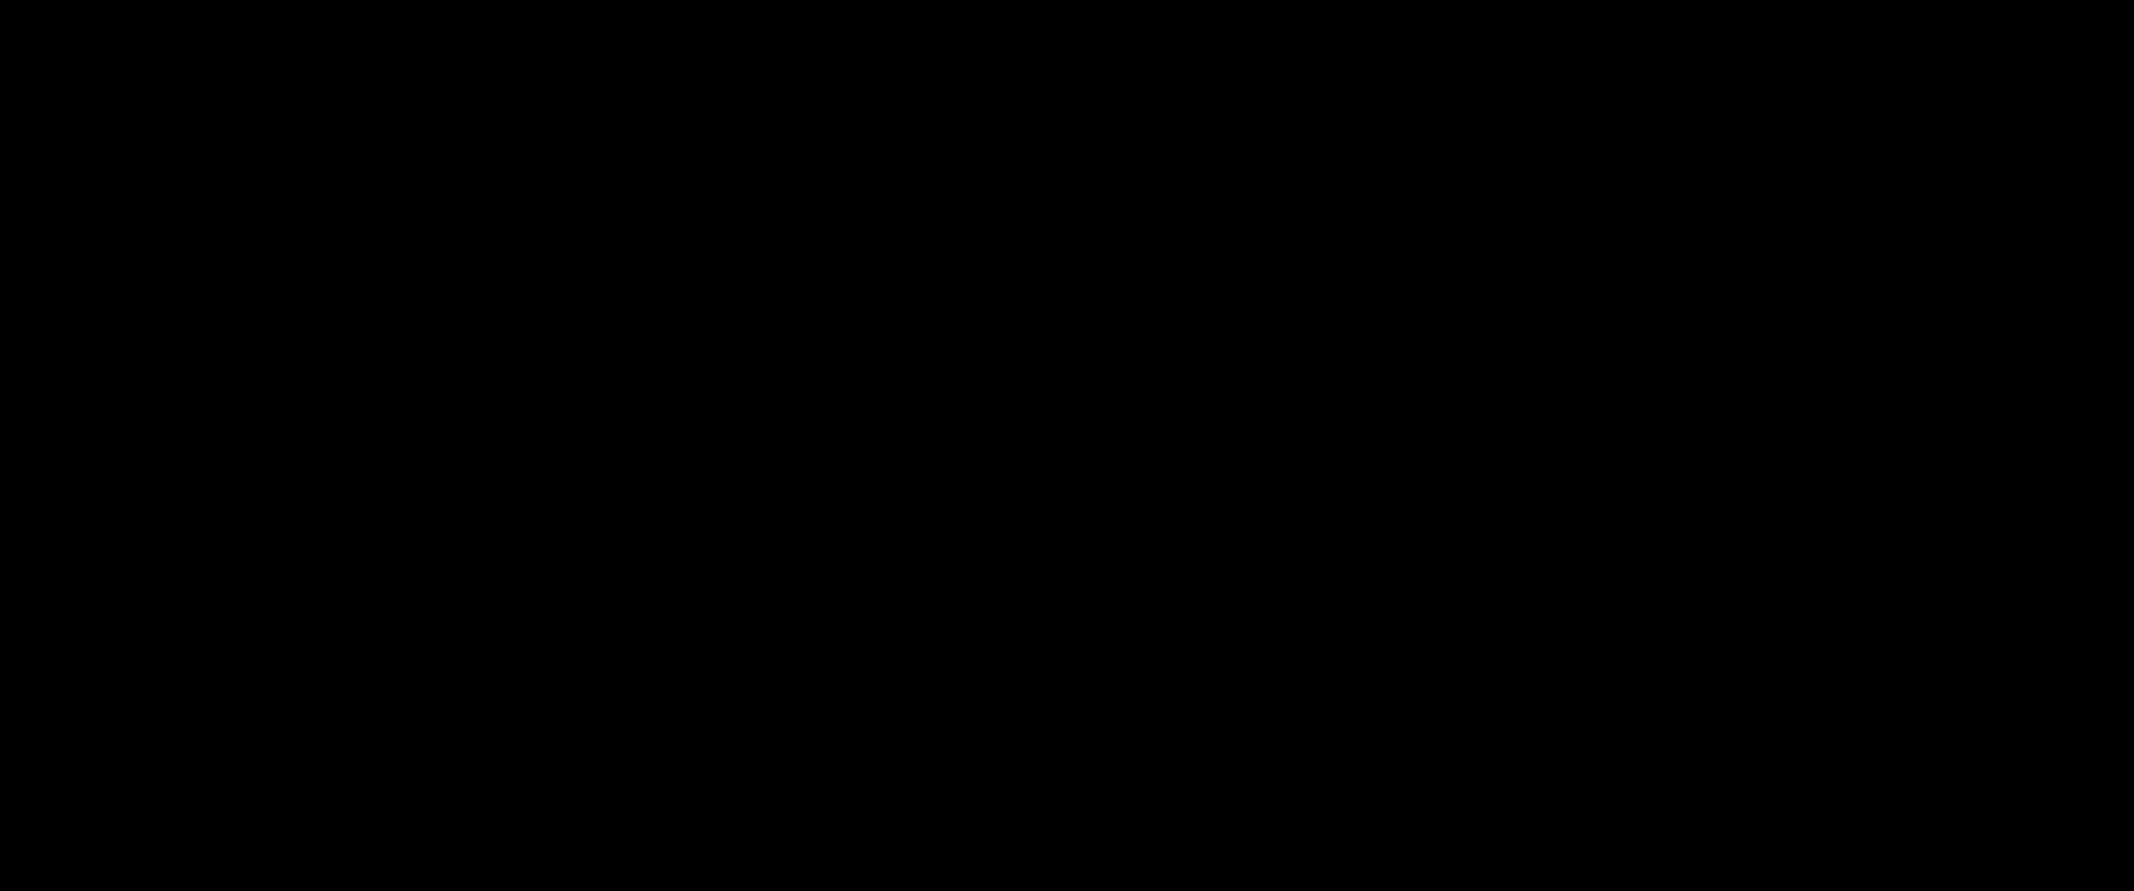 word image 581 Разработка и внедрение экологически безопасного биопрепарата для органического животноводства на основе защищенного продукта пчеловодства трутневого расплода с целью повышения естественной резистентности и продуктивности молодняка крупного рогатого скота